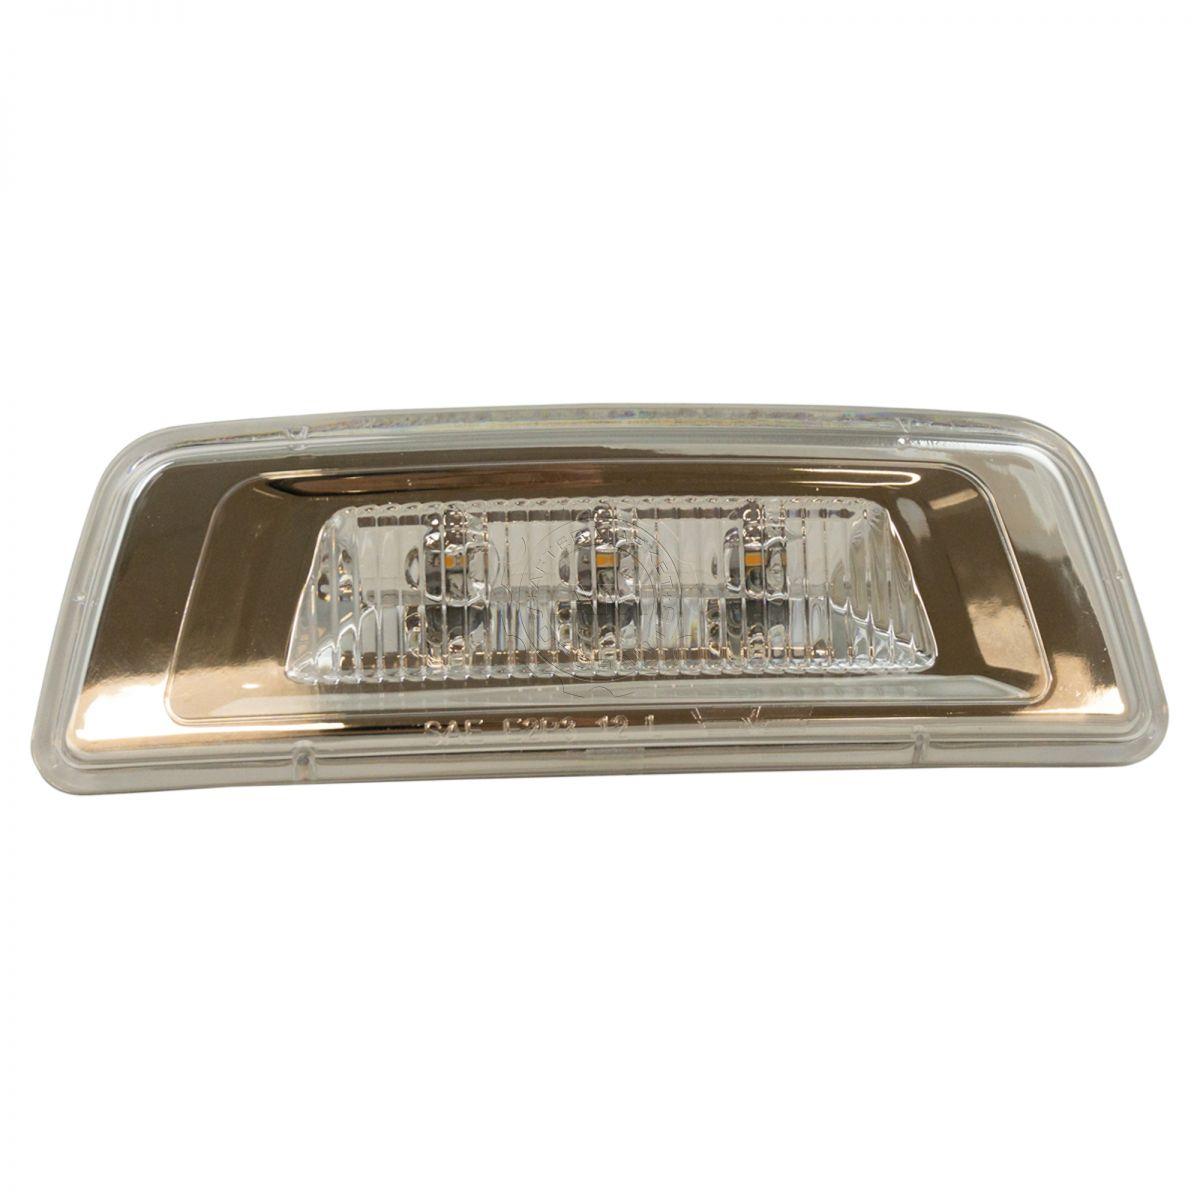 For 2013-2017 Kenworth T680 Side Marker Light Assembly Front Left Dorman 75126JZ